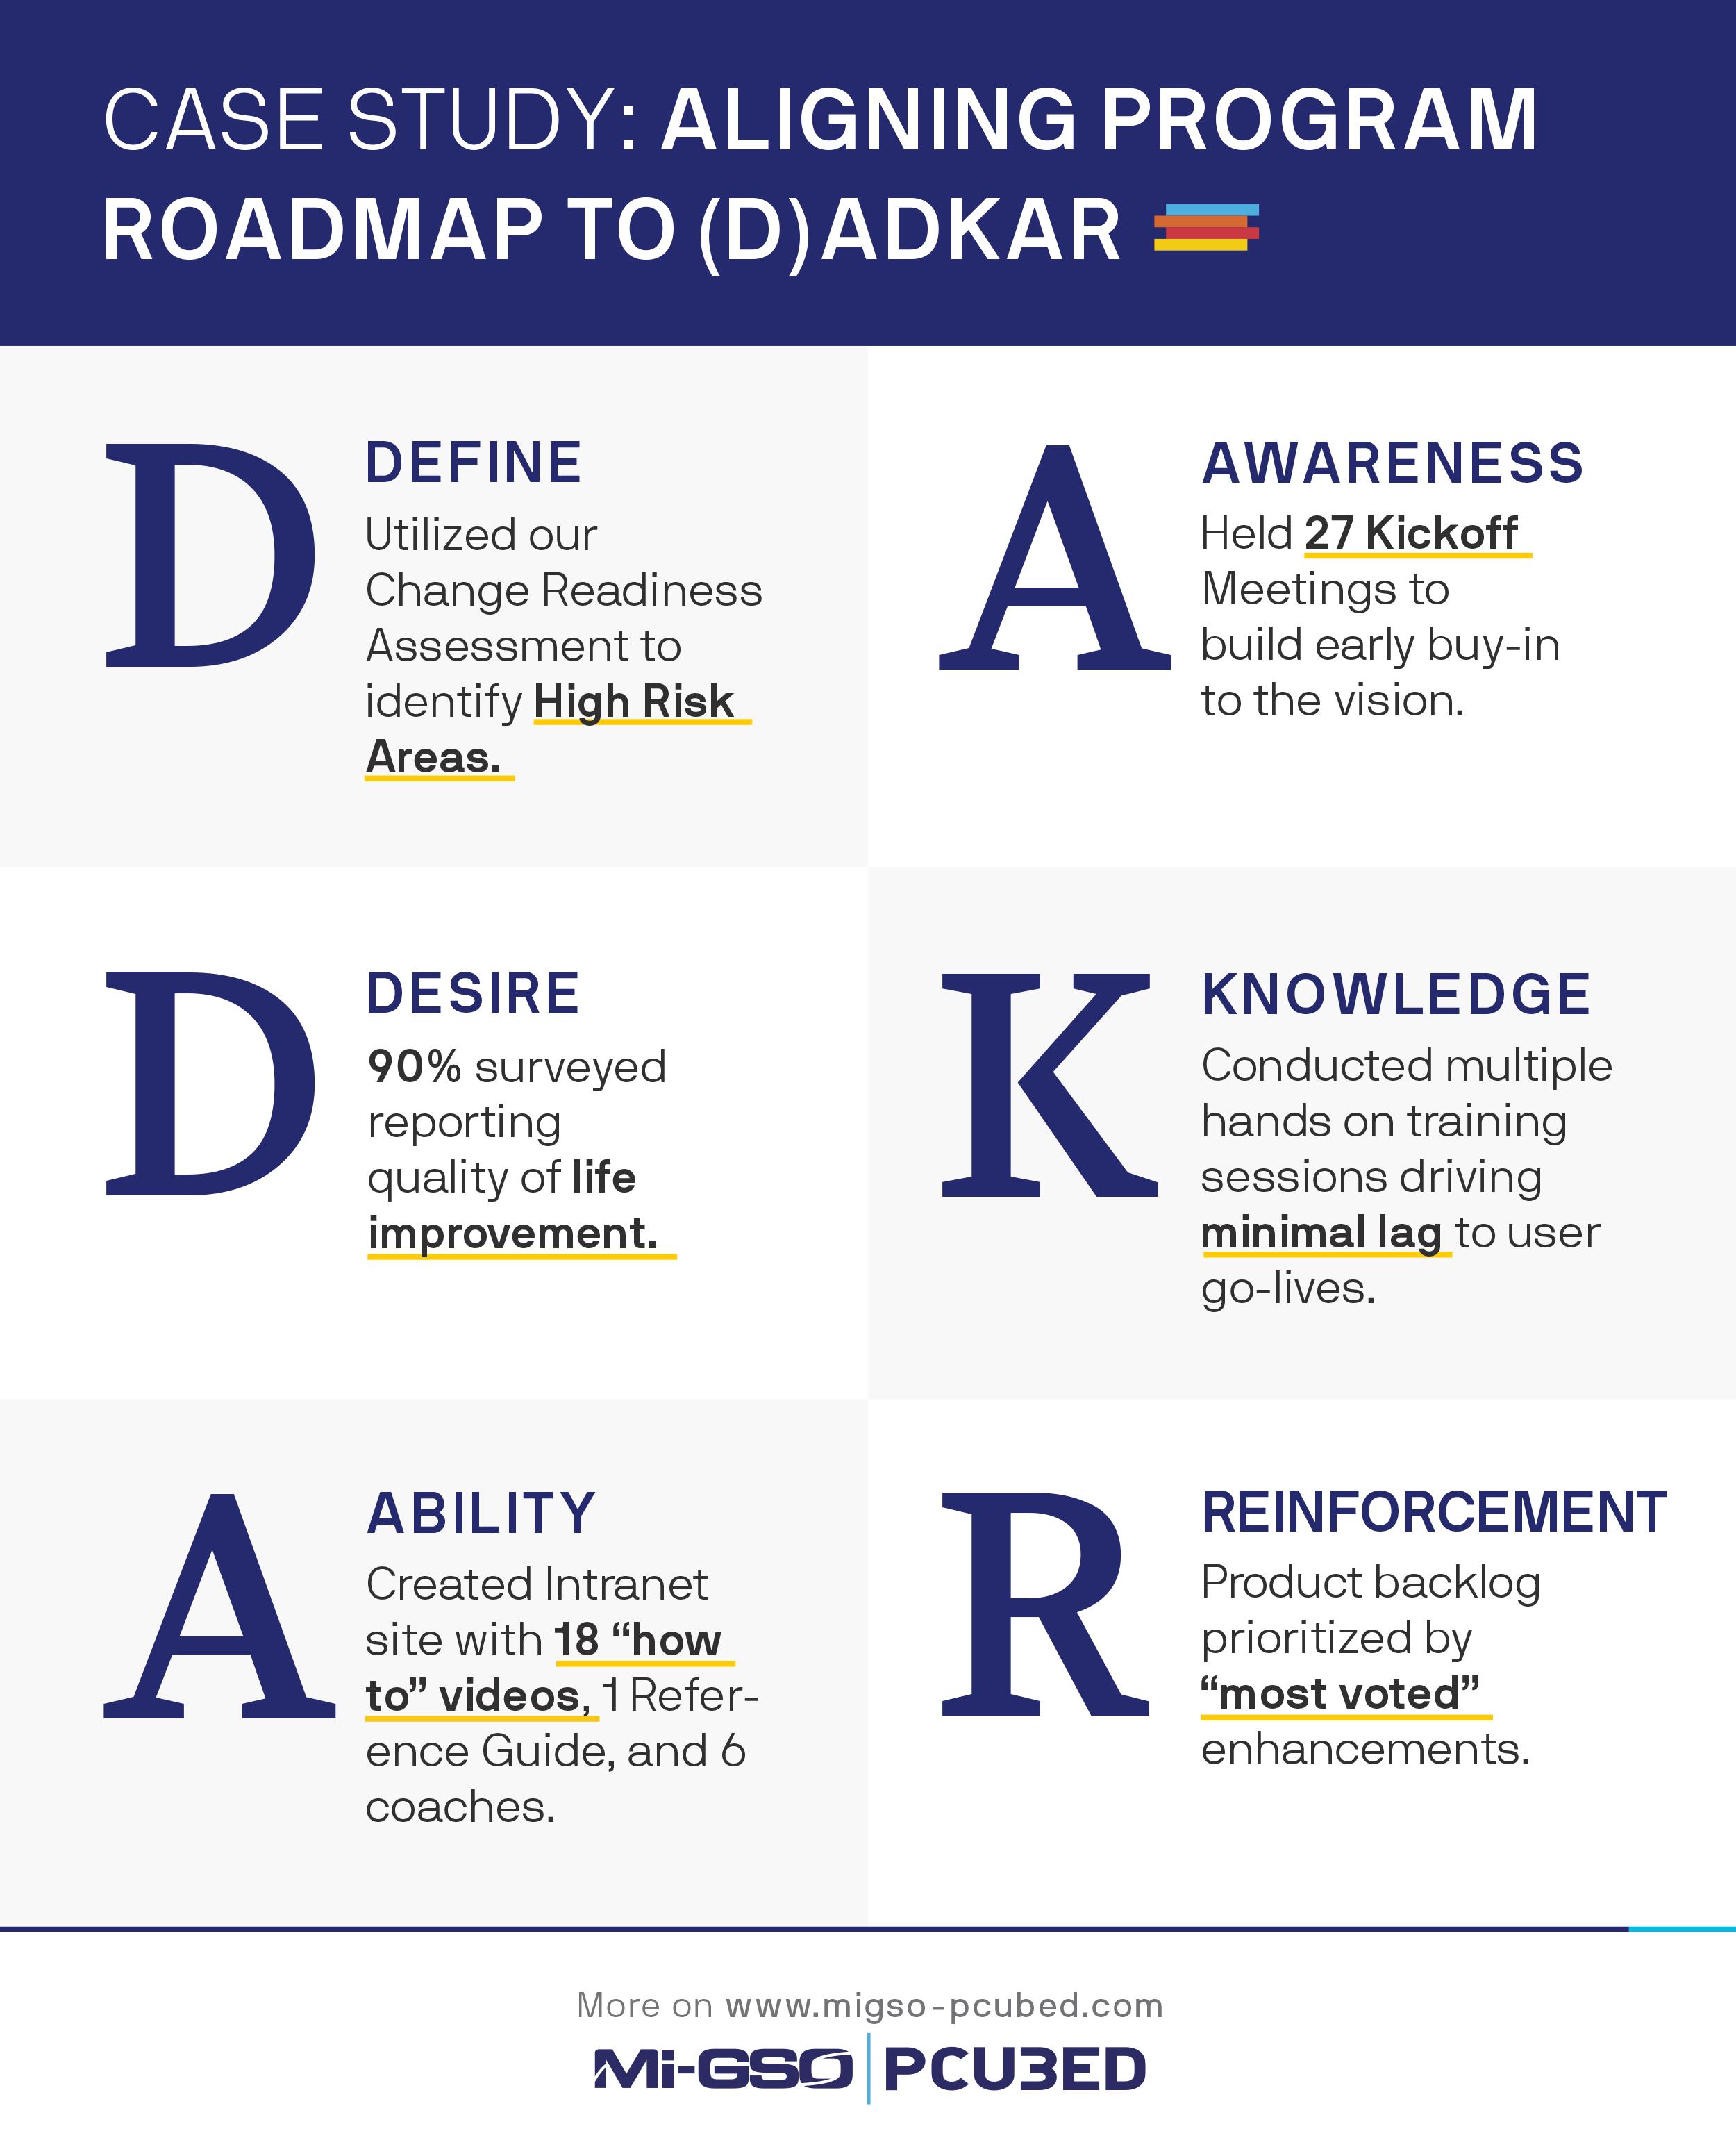 ADKAR infographic